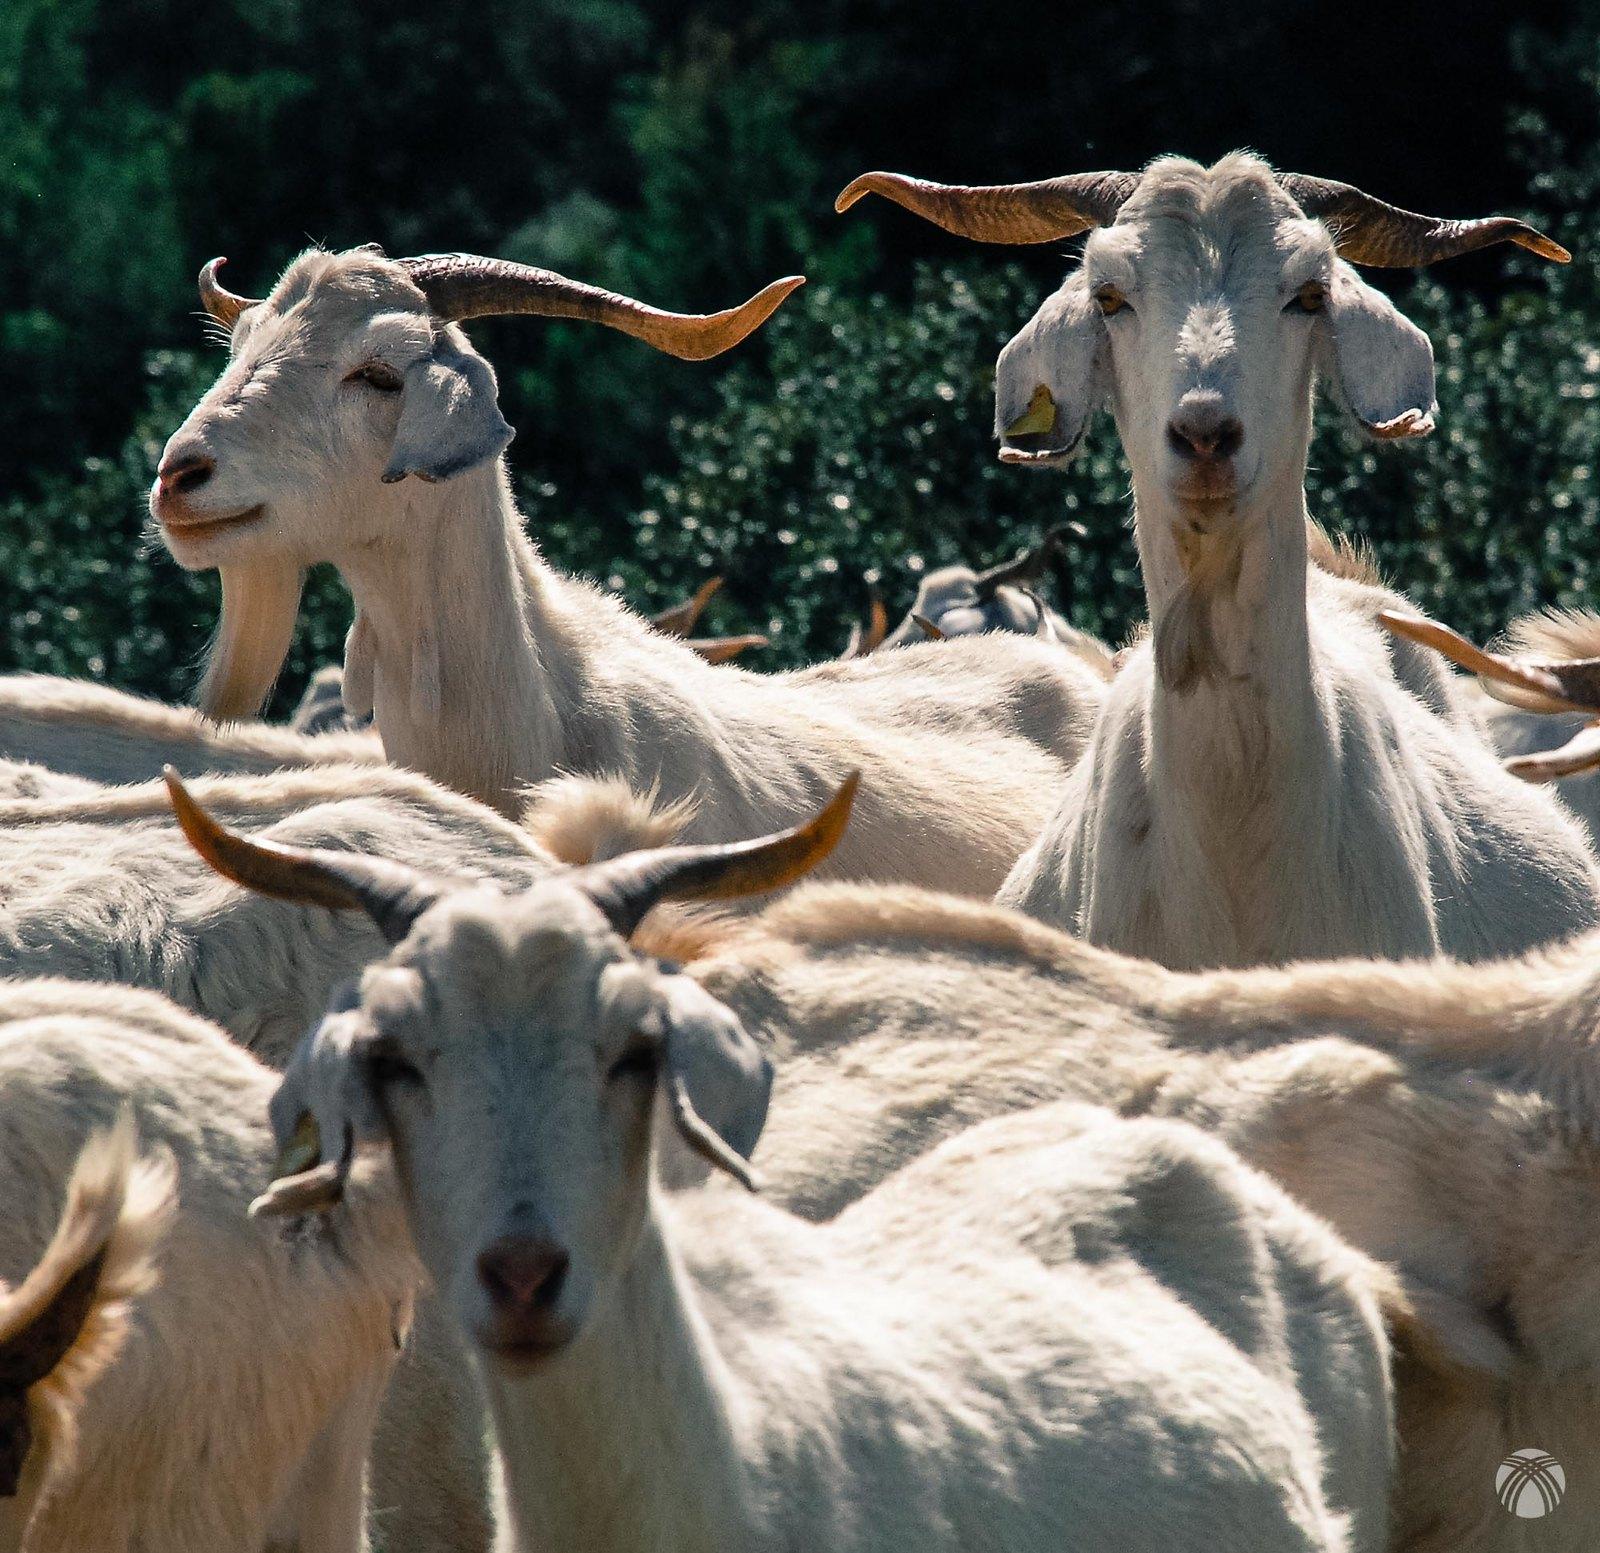 Estas cabras tienen pinta de resabiadas